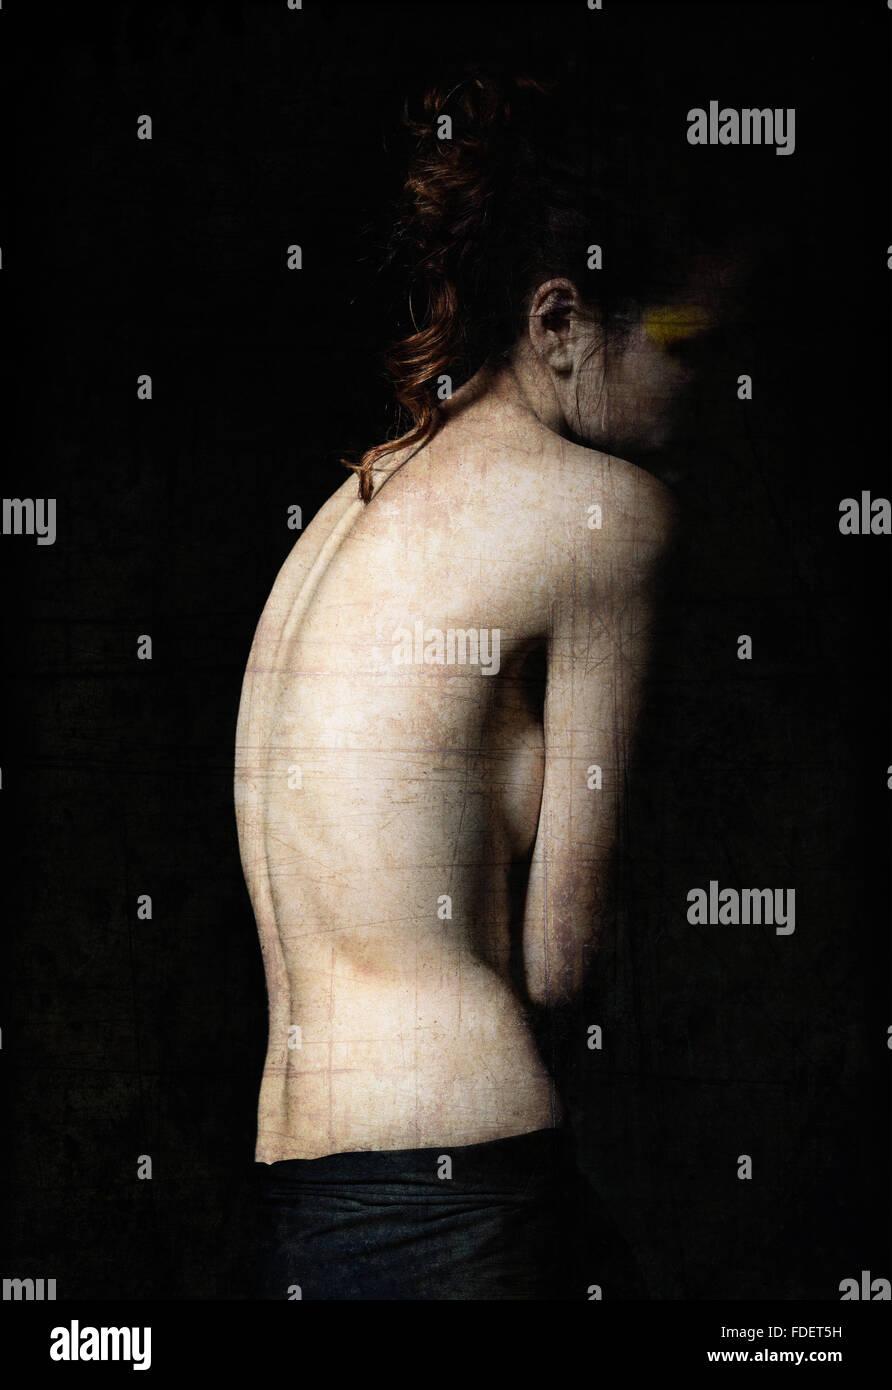 Sombrío retrato de una joven mujer entre la oscuridad. Efecto de textura Grunge Imagen De Stock